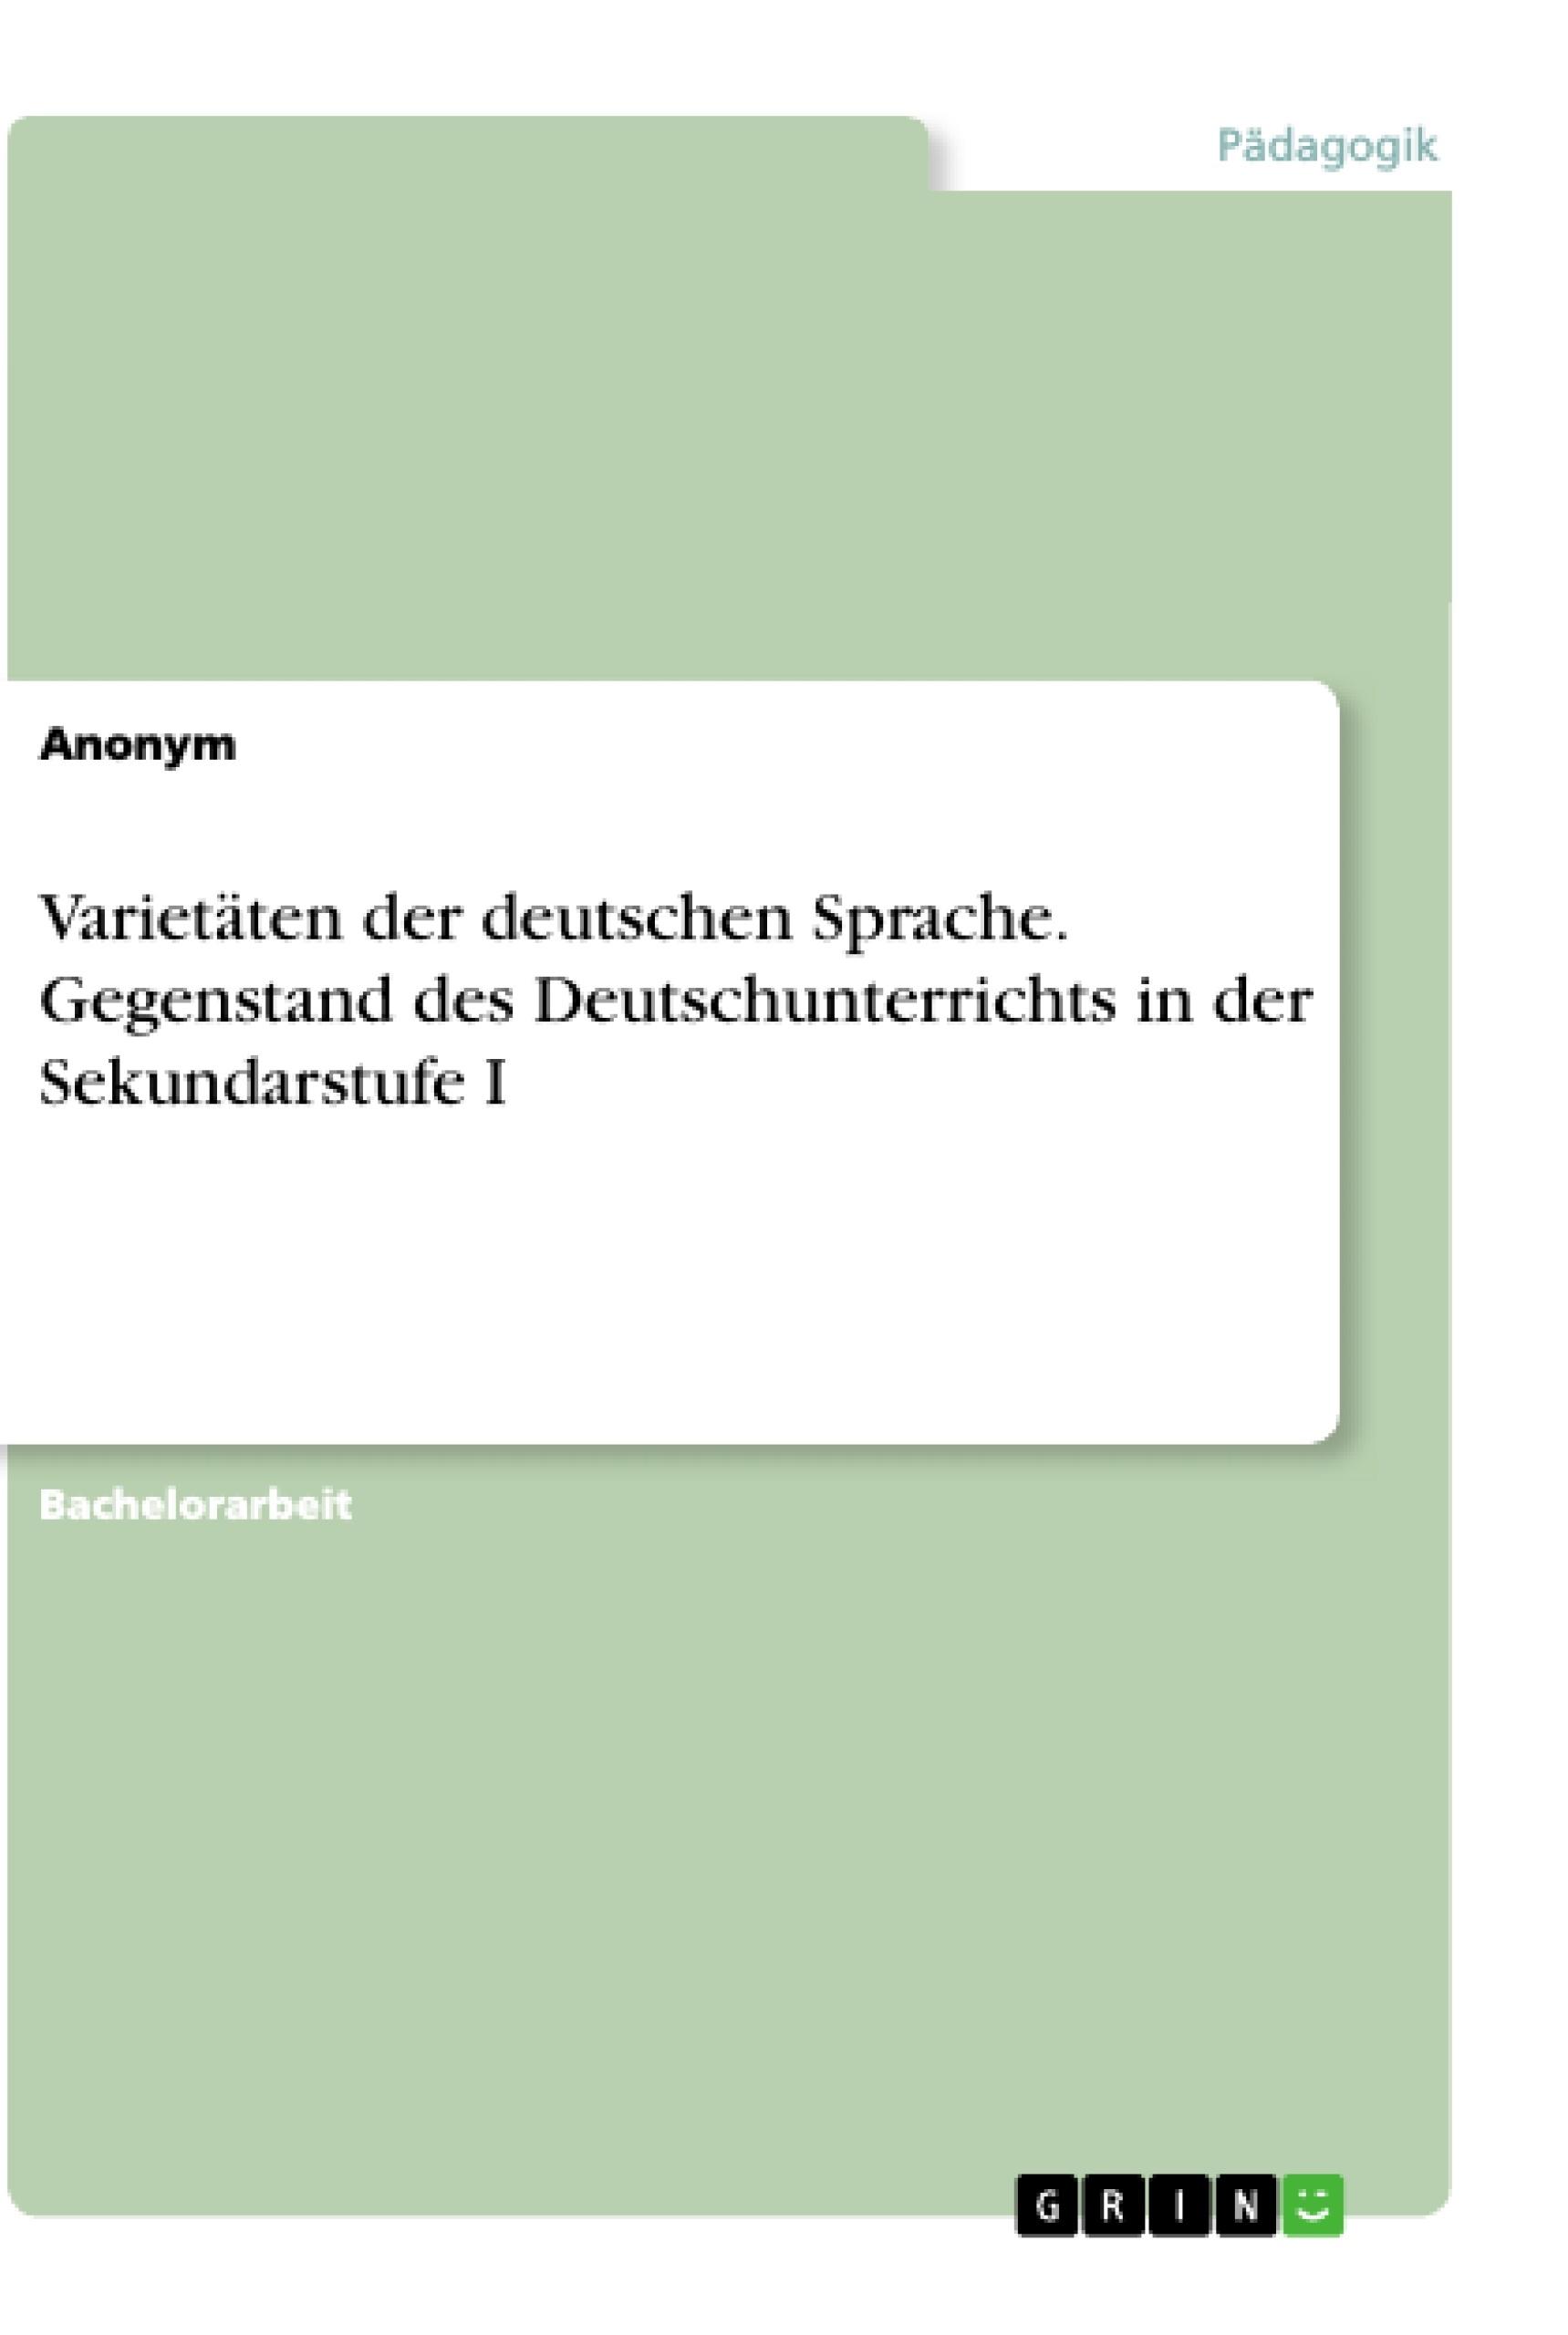 Titel: Varietäten der deutschen Sprache. Gegenstand des Deutschunterrichts in der Sekundarstufe I